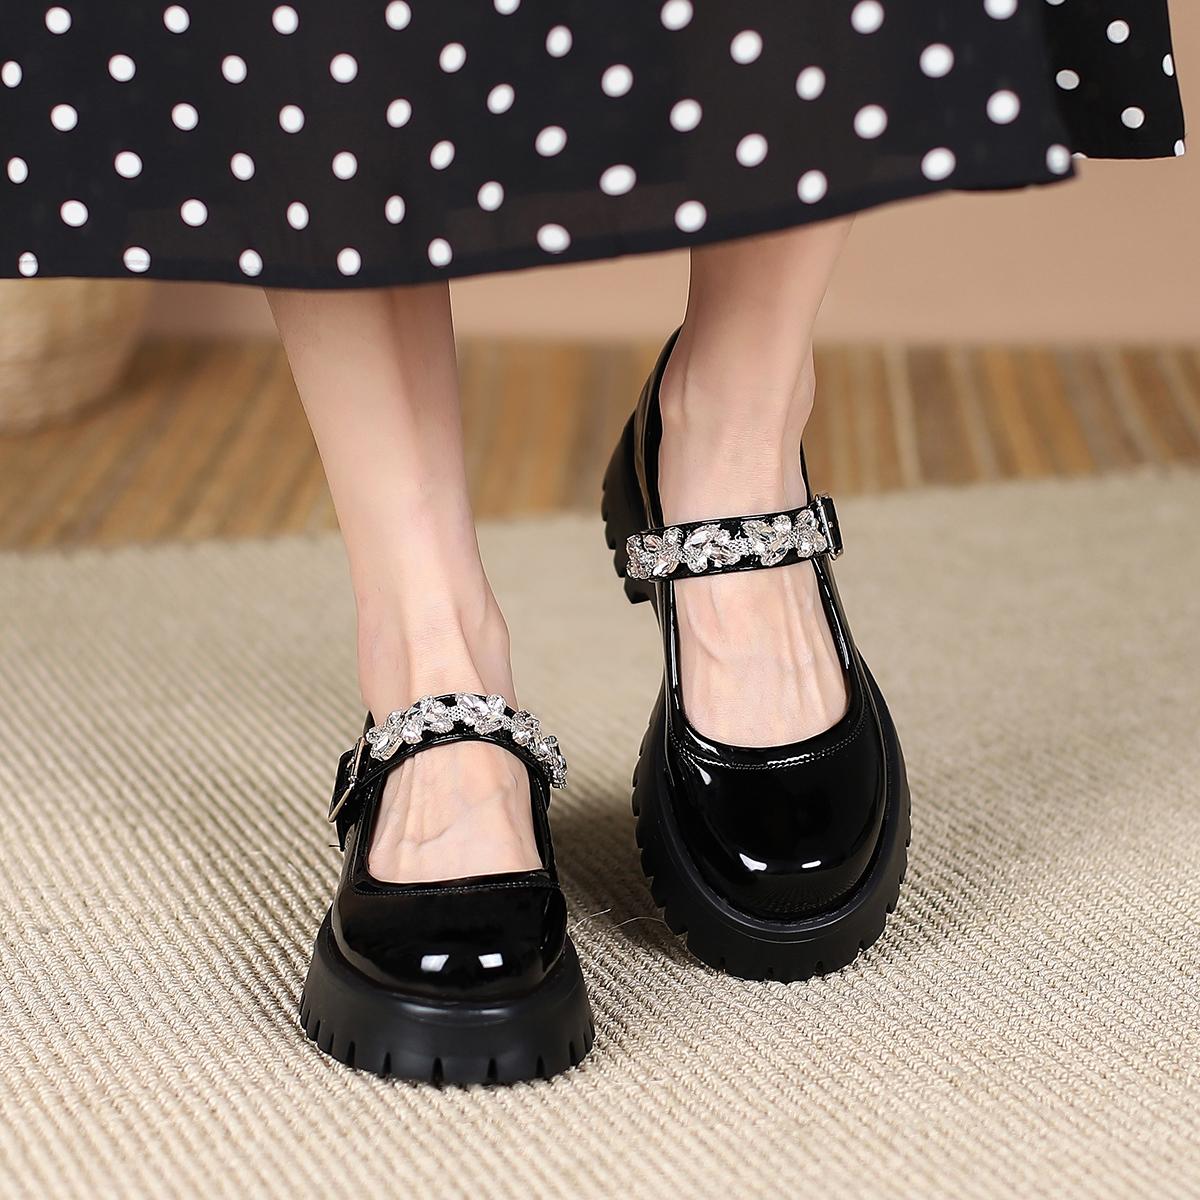 半曲水钻玛丽珍鞋小皮鞋女夏jk软妹2021新款厚底单鞋女圆头松糕鞋